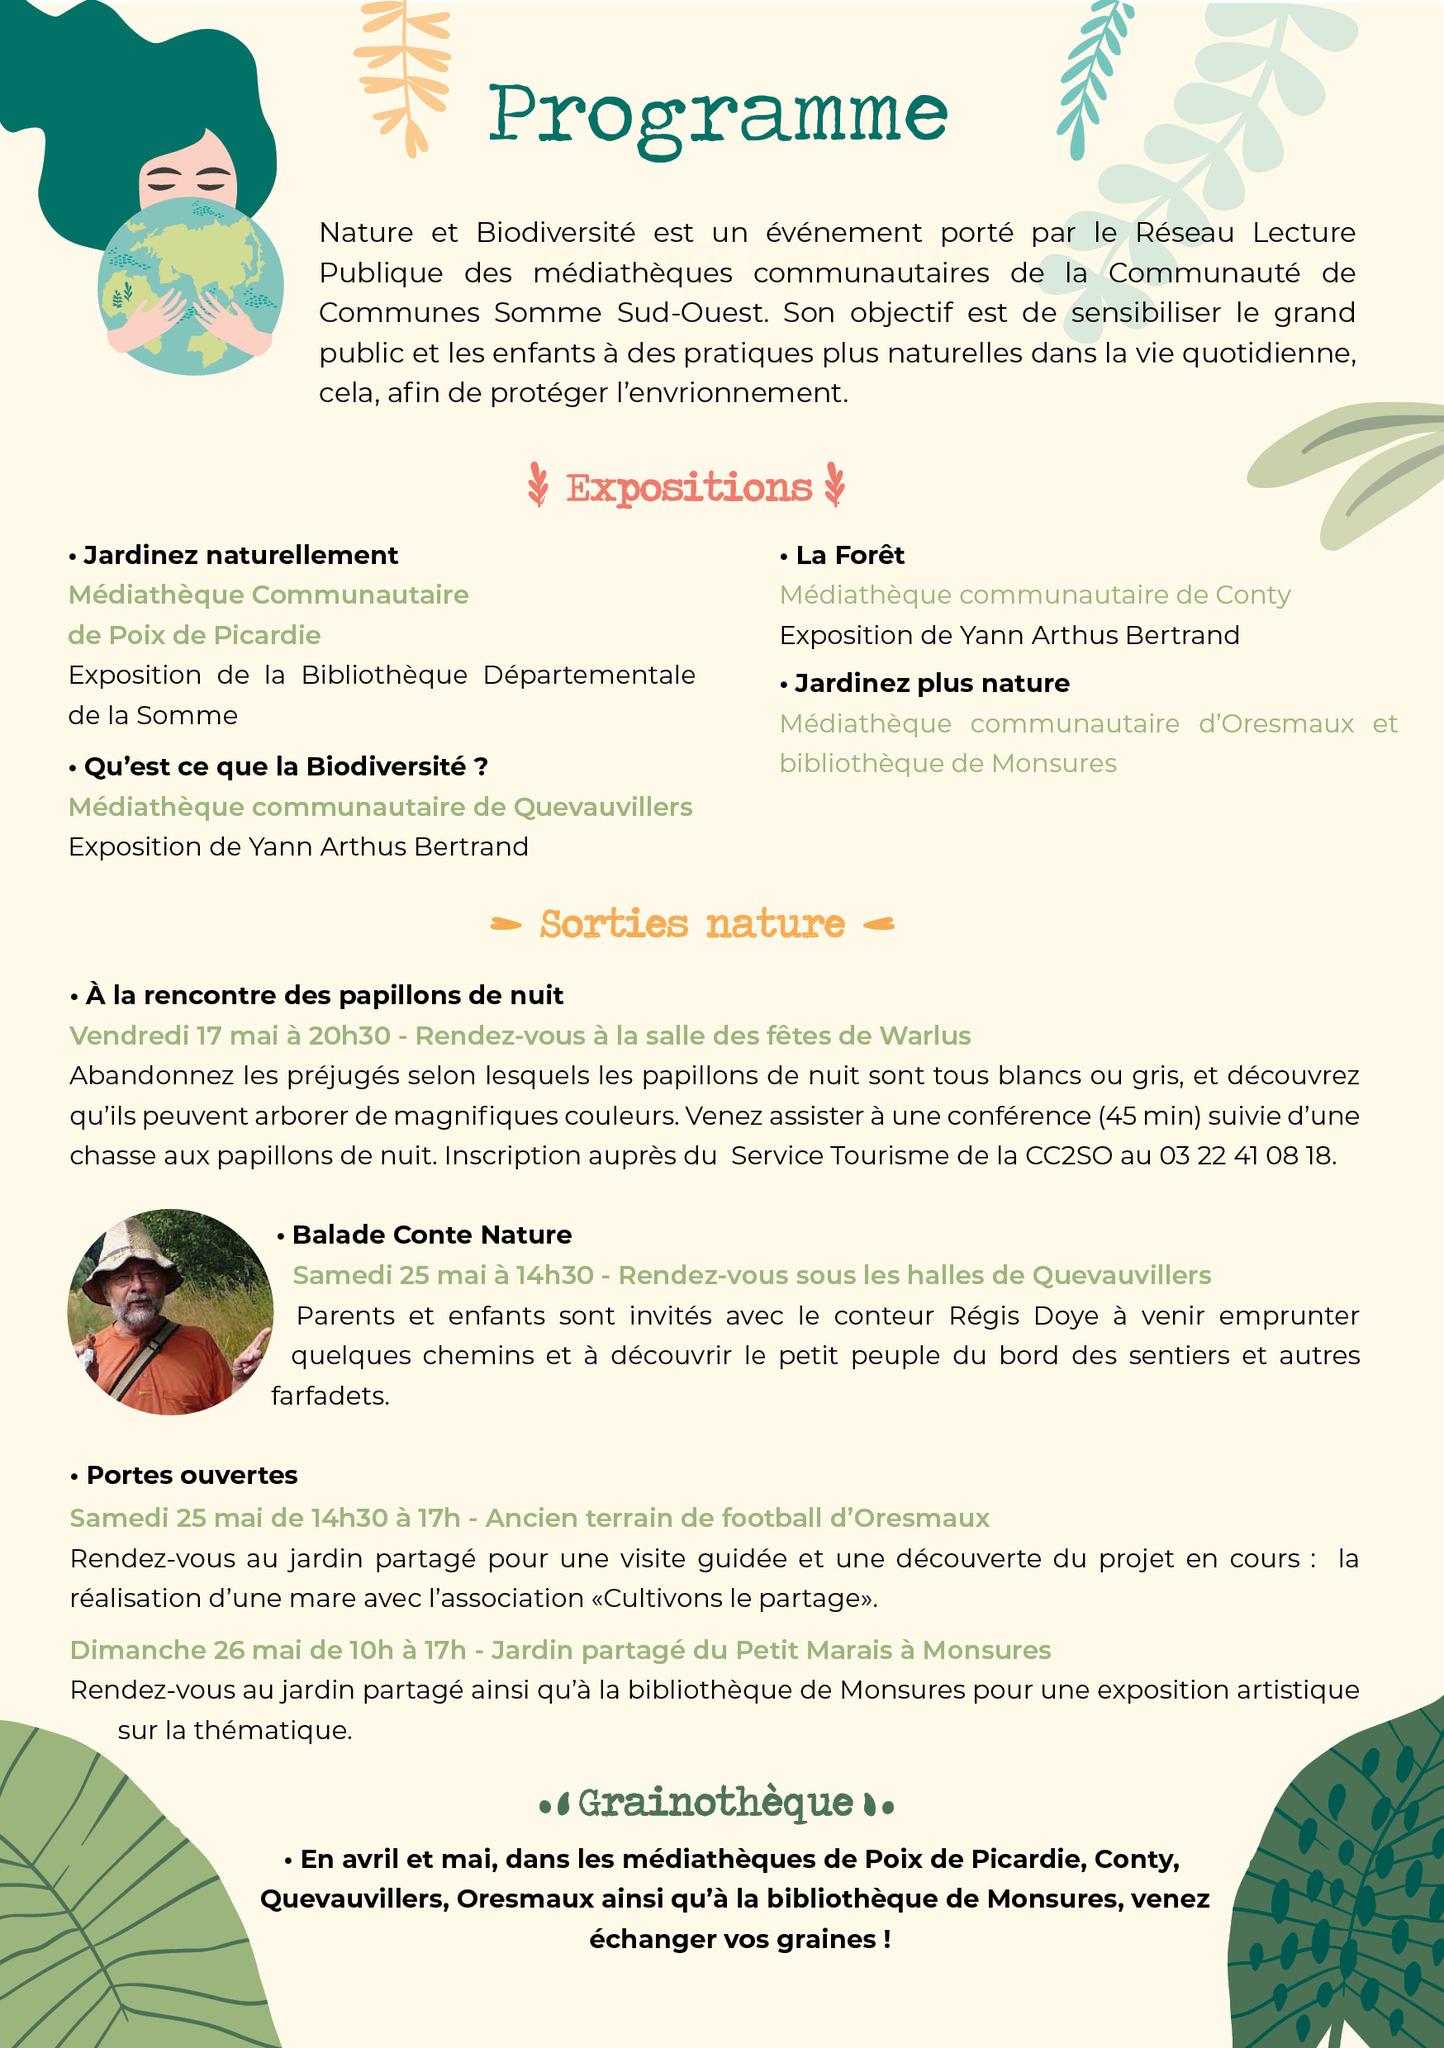 Programme nature et biodiversité JPG2